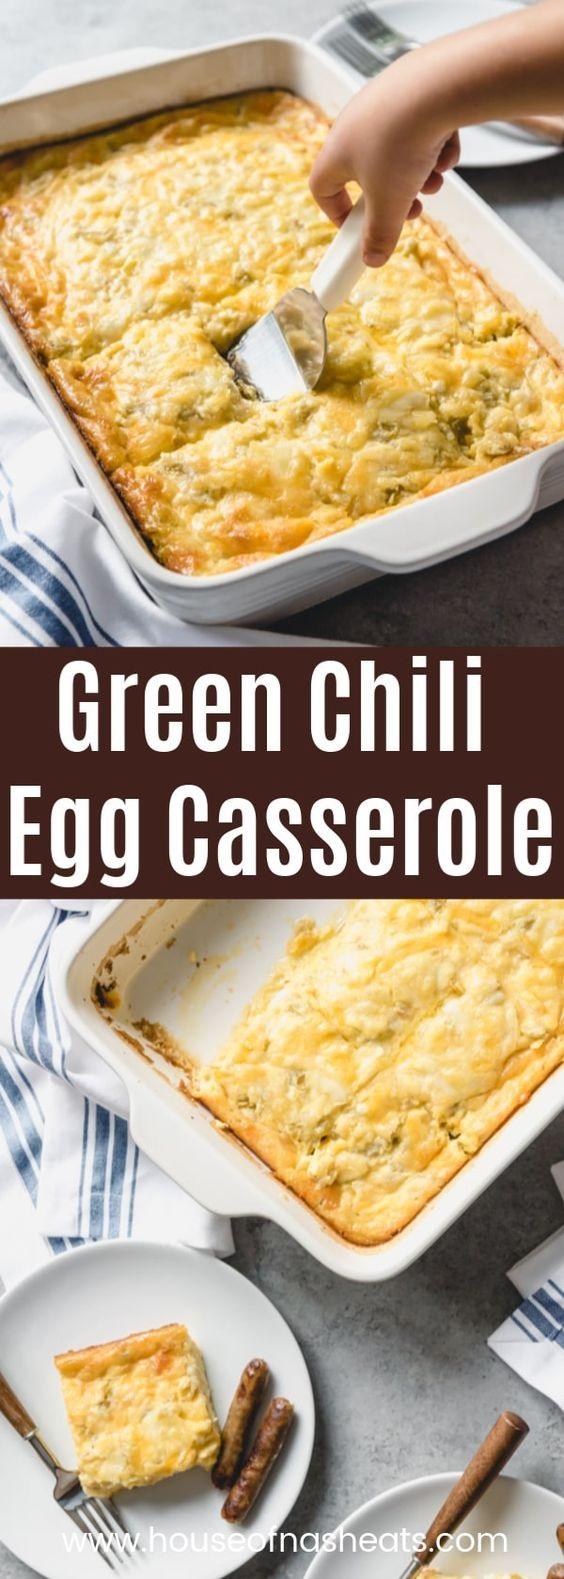 Green Chili Egg Cassserole